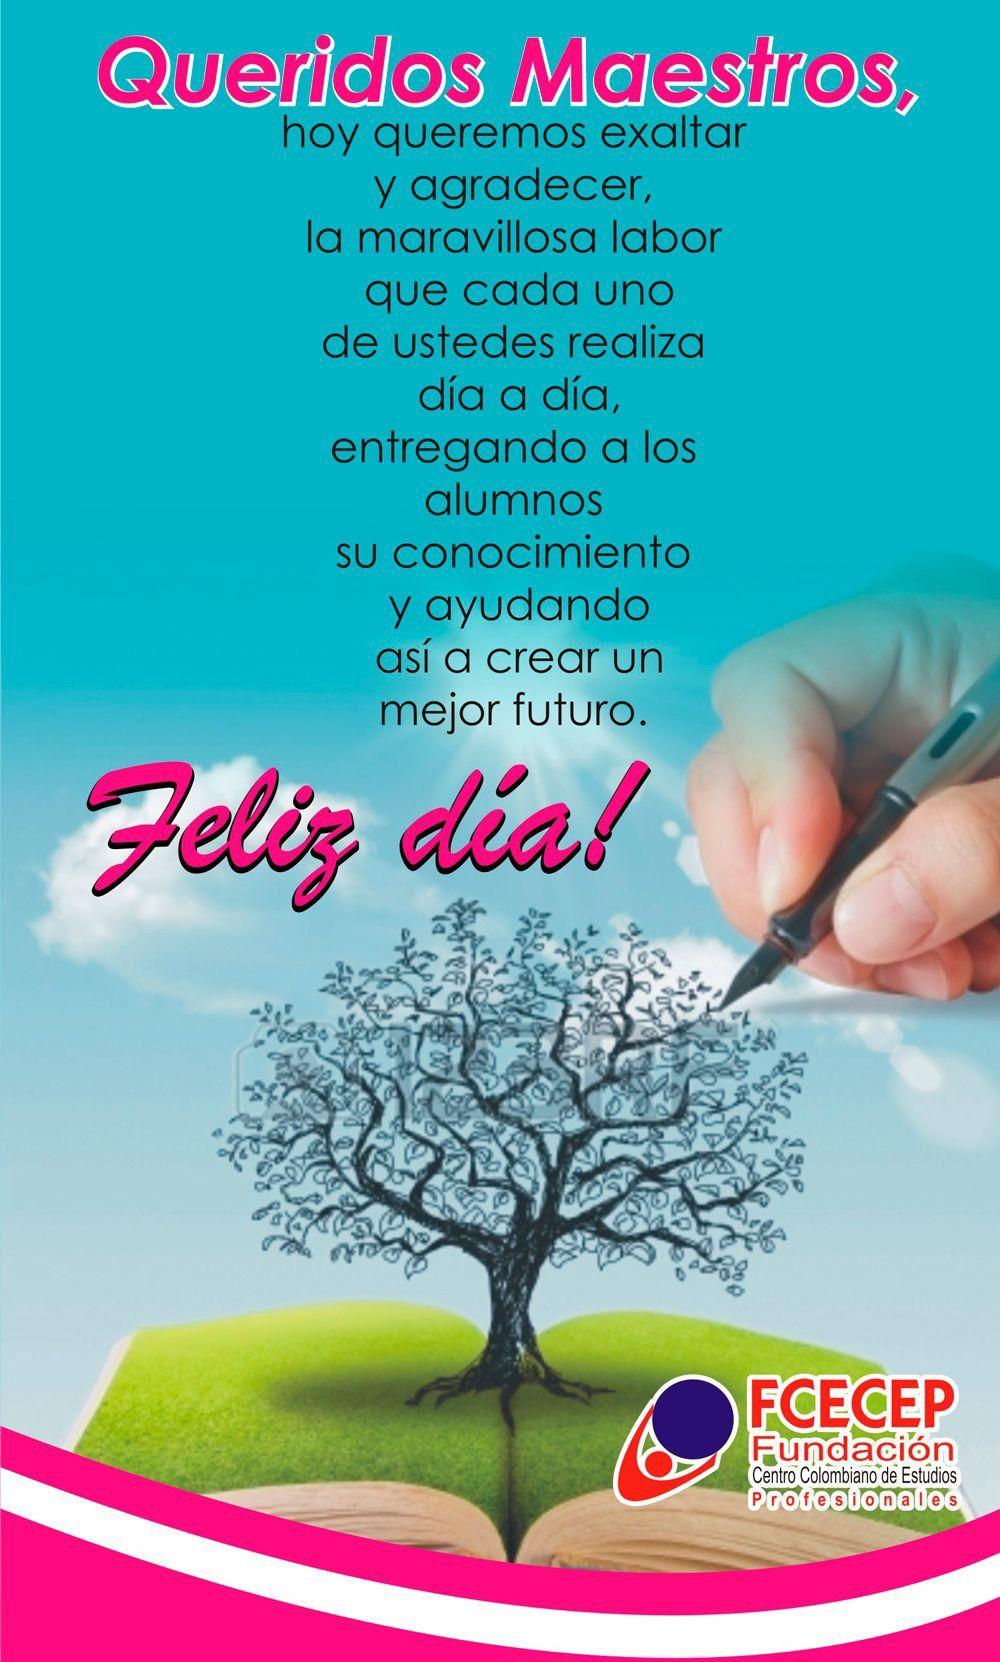 Pin De Juancarlos En Frases En 2020 Tarjeta De Feliz Día Del Maestro Felicitaciones Para Maestros Feliz Dia Del Maestro